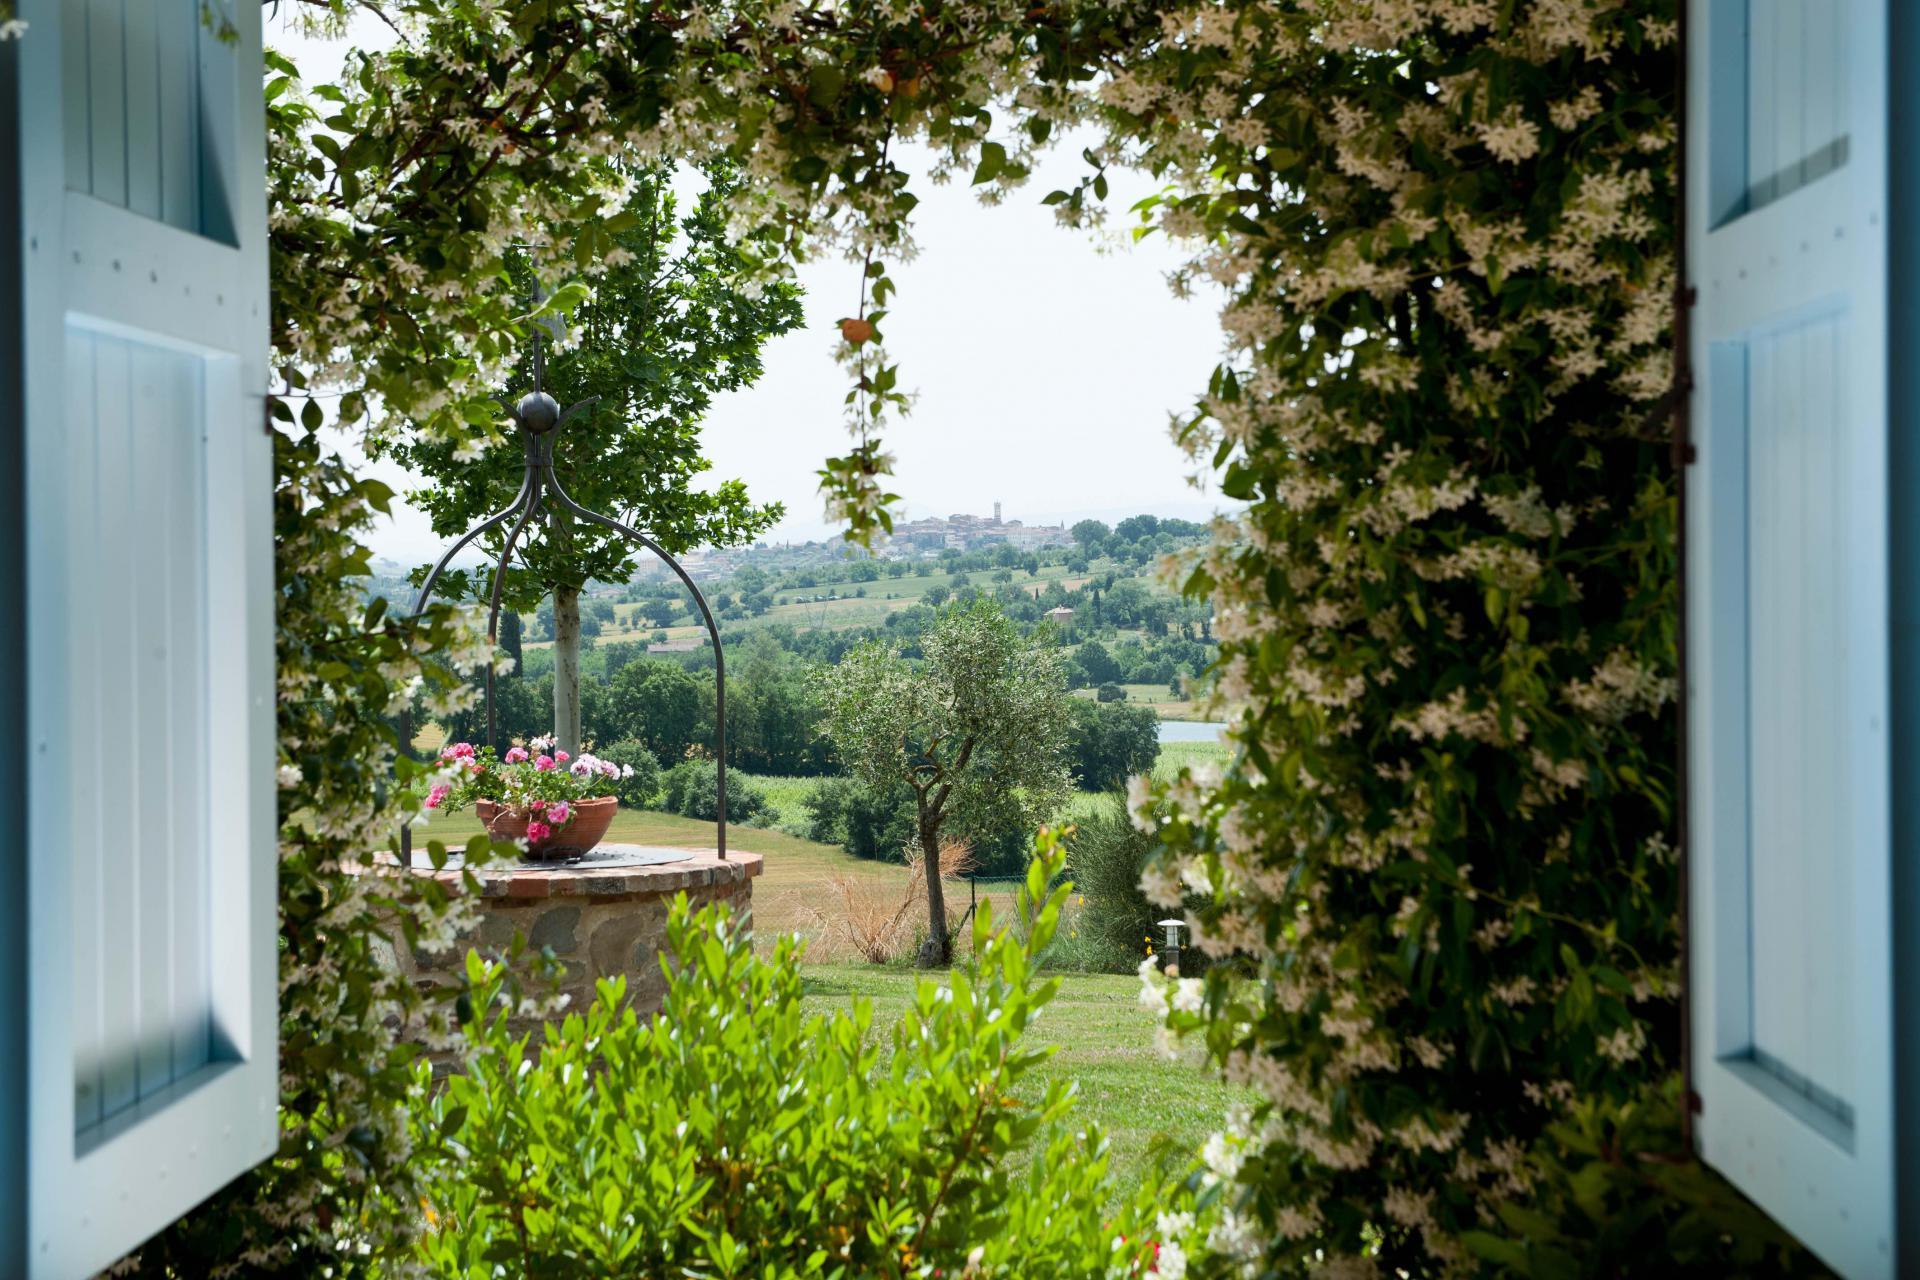 Agriturismo Puglia Agriturismo in Puglia, authentiek en groot zwembad